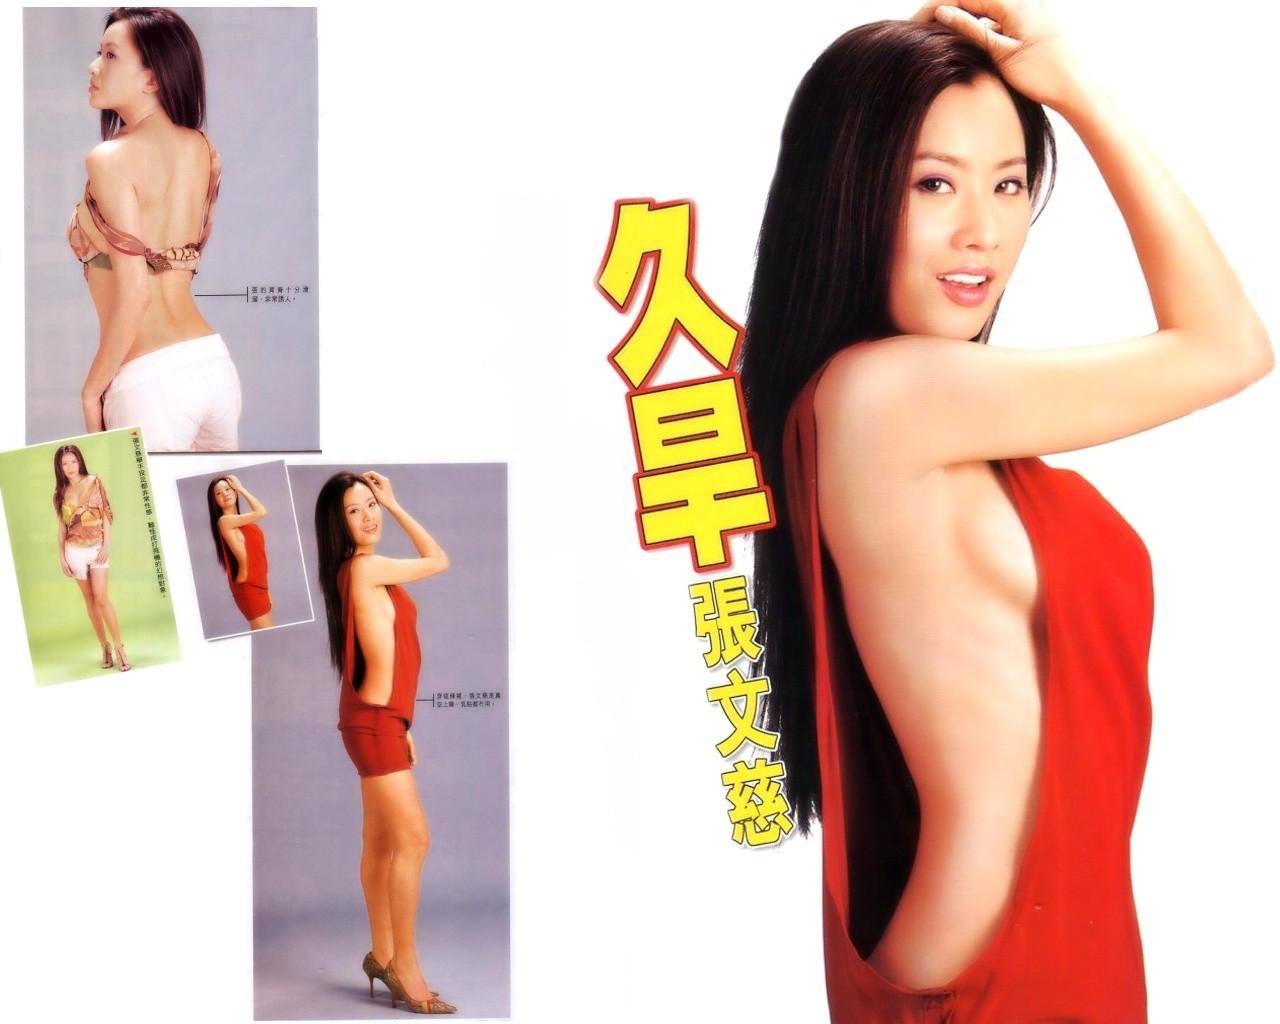 Biểu tượng sexy Hong Kong 'ế chồng' vì scandal nhạy cảm - 1